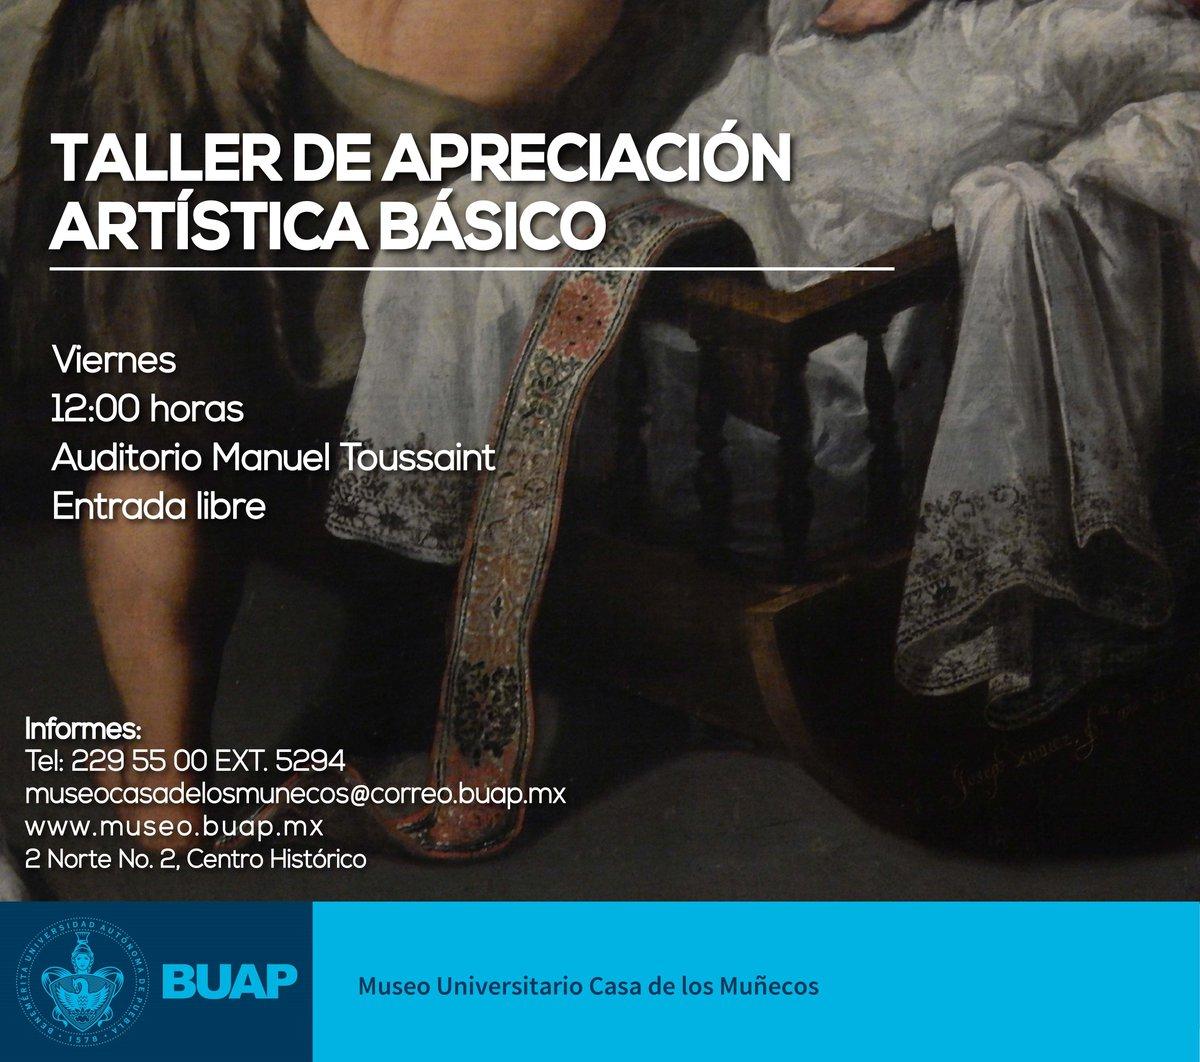 El día de mañana es la última sesión del año del taller de Apreciación Artística Básico.   ¡No te lo pierdas!   12:00 horas, auditorio Manuel Toussaint.  Entrada libre  #TAAB | #MuseoBUAP